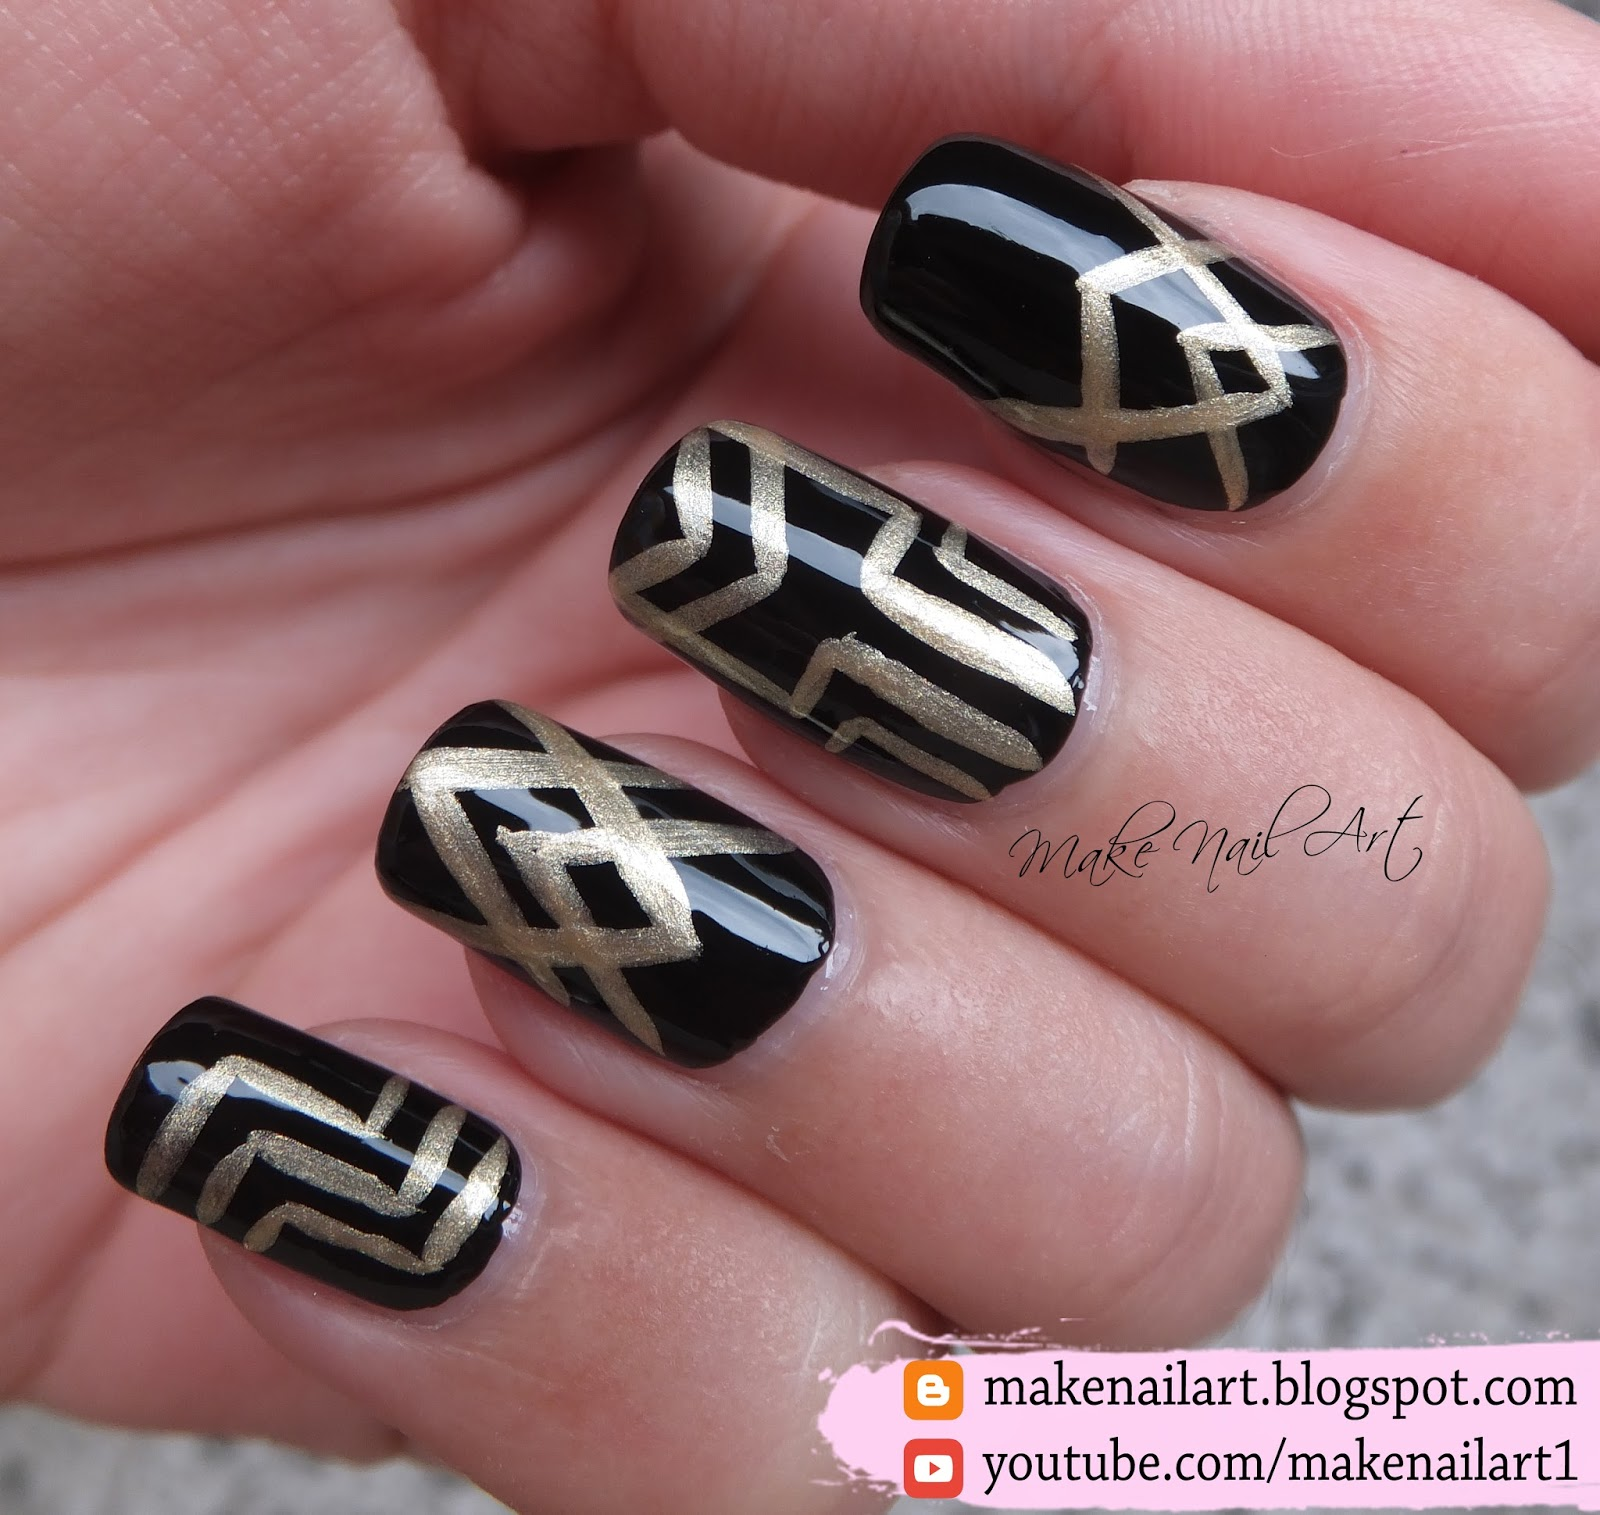 Make Nail Art: The Great Gatsby Nail Art Design (31DC2016)